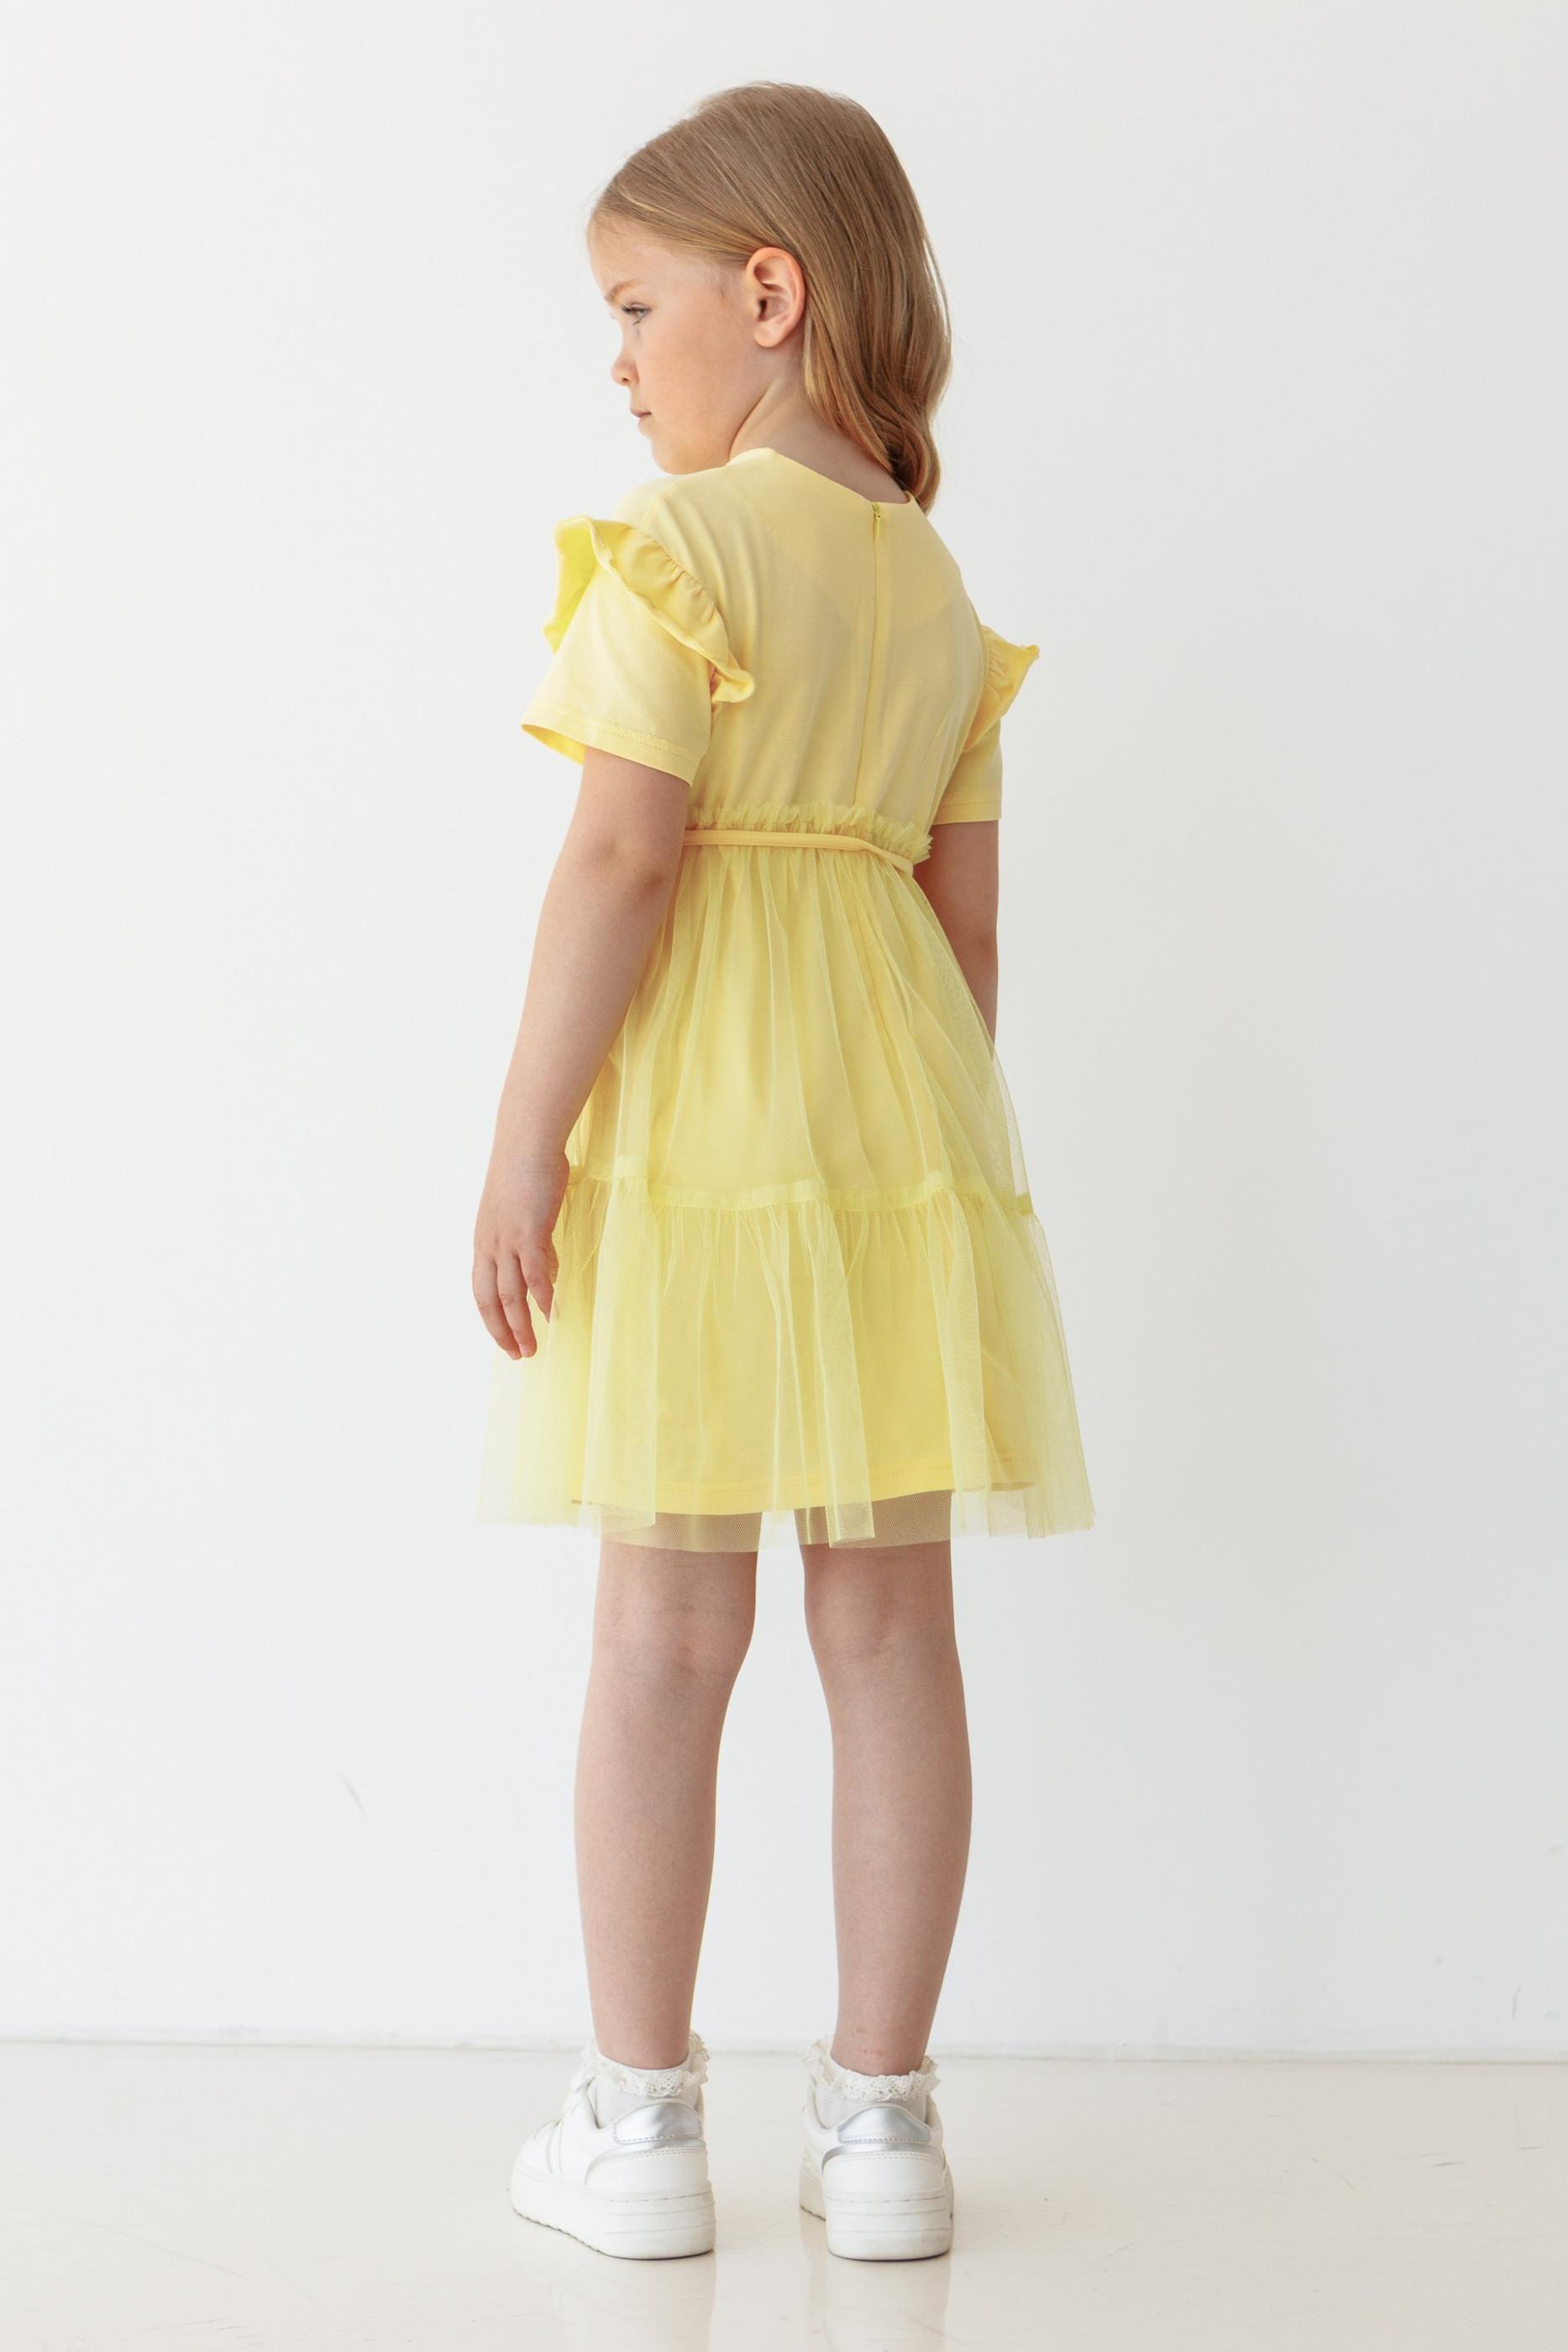 Плаття Лія, фото №3